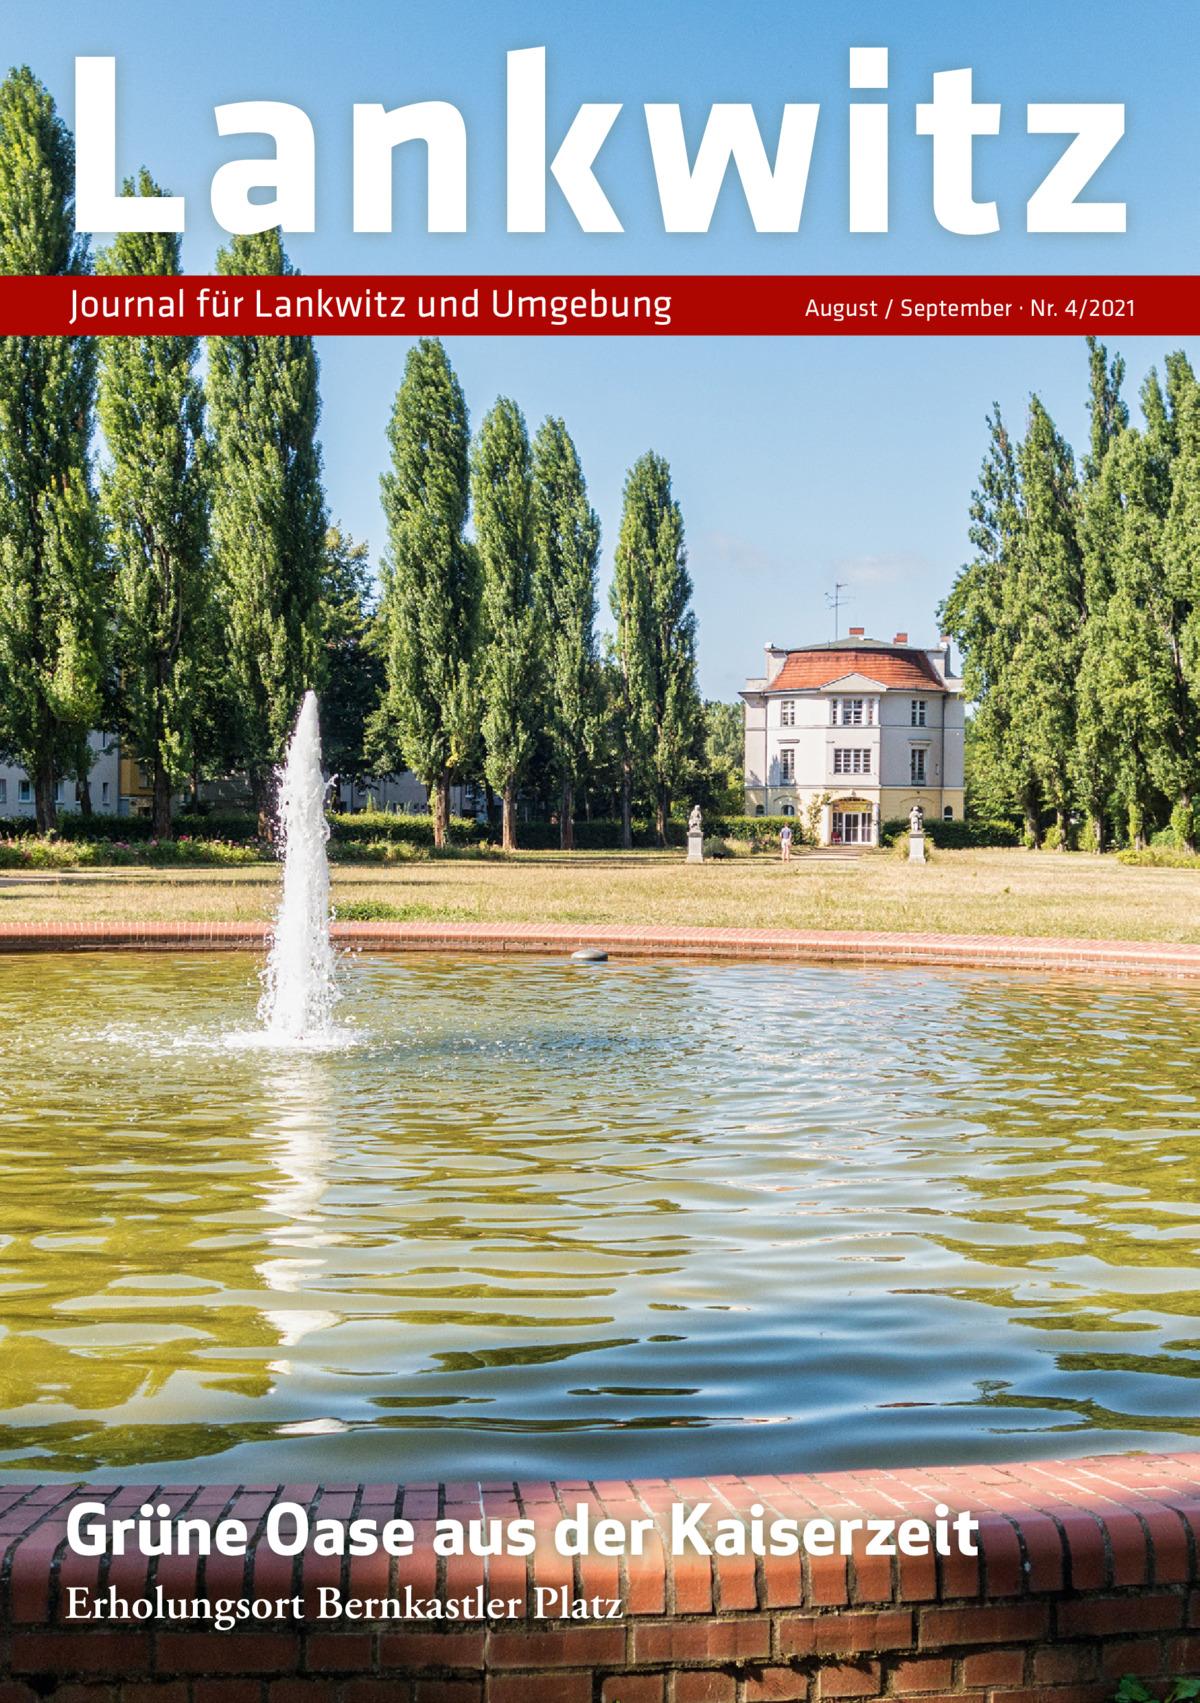 Lankwitz Journal für Lankwitz und Umgebung  August / September · Nr. 4/2021  Grüne Oase aus der Kaiserzeit Erholungsort Bernkastler Platz